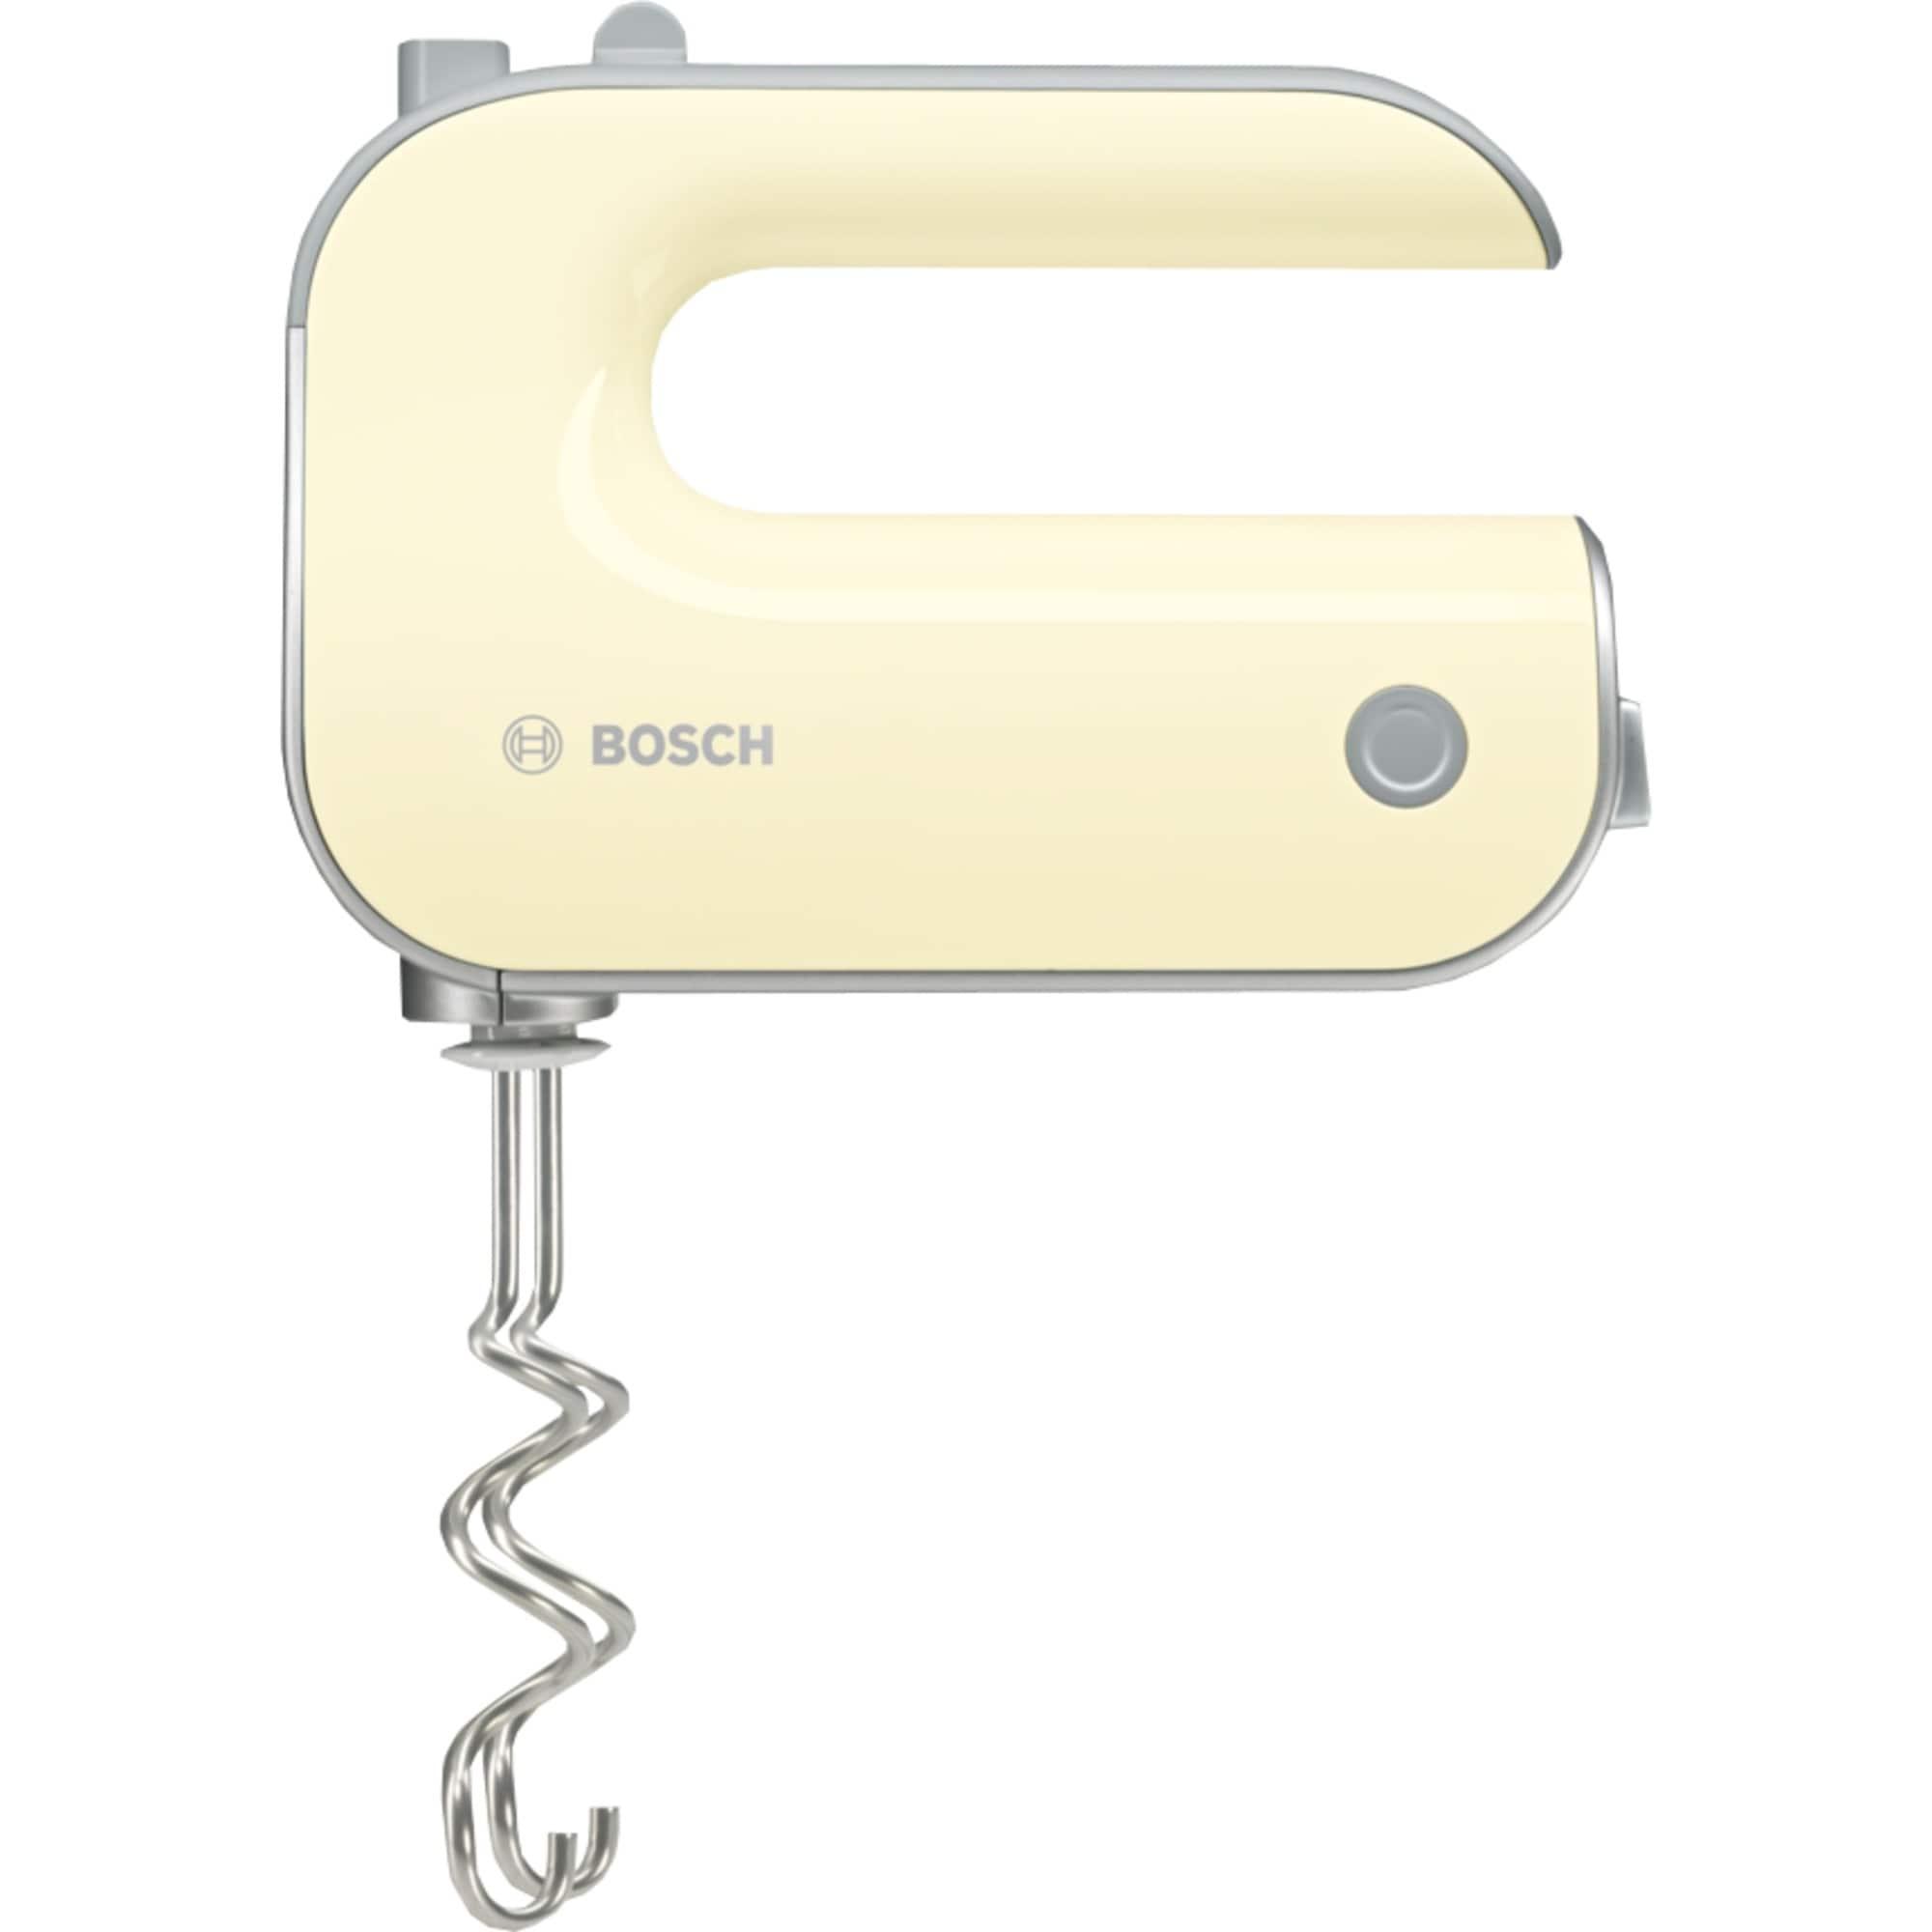 Bosch Handmixer MFQ40301